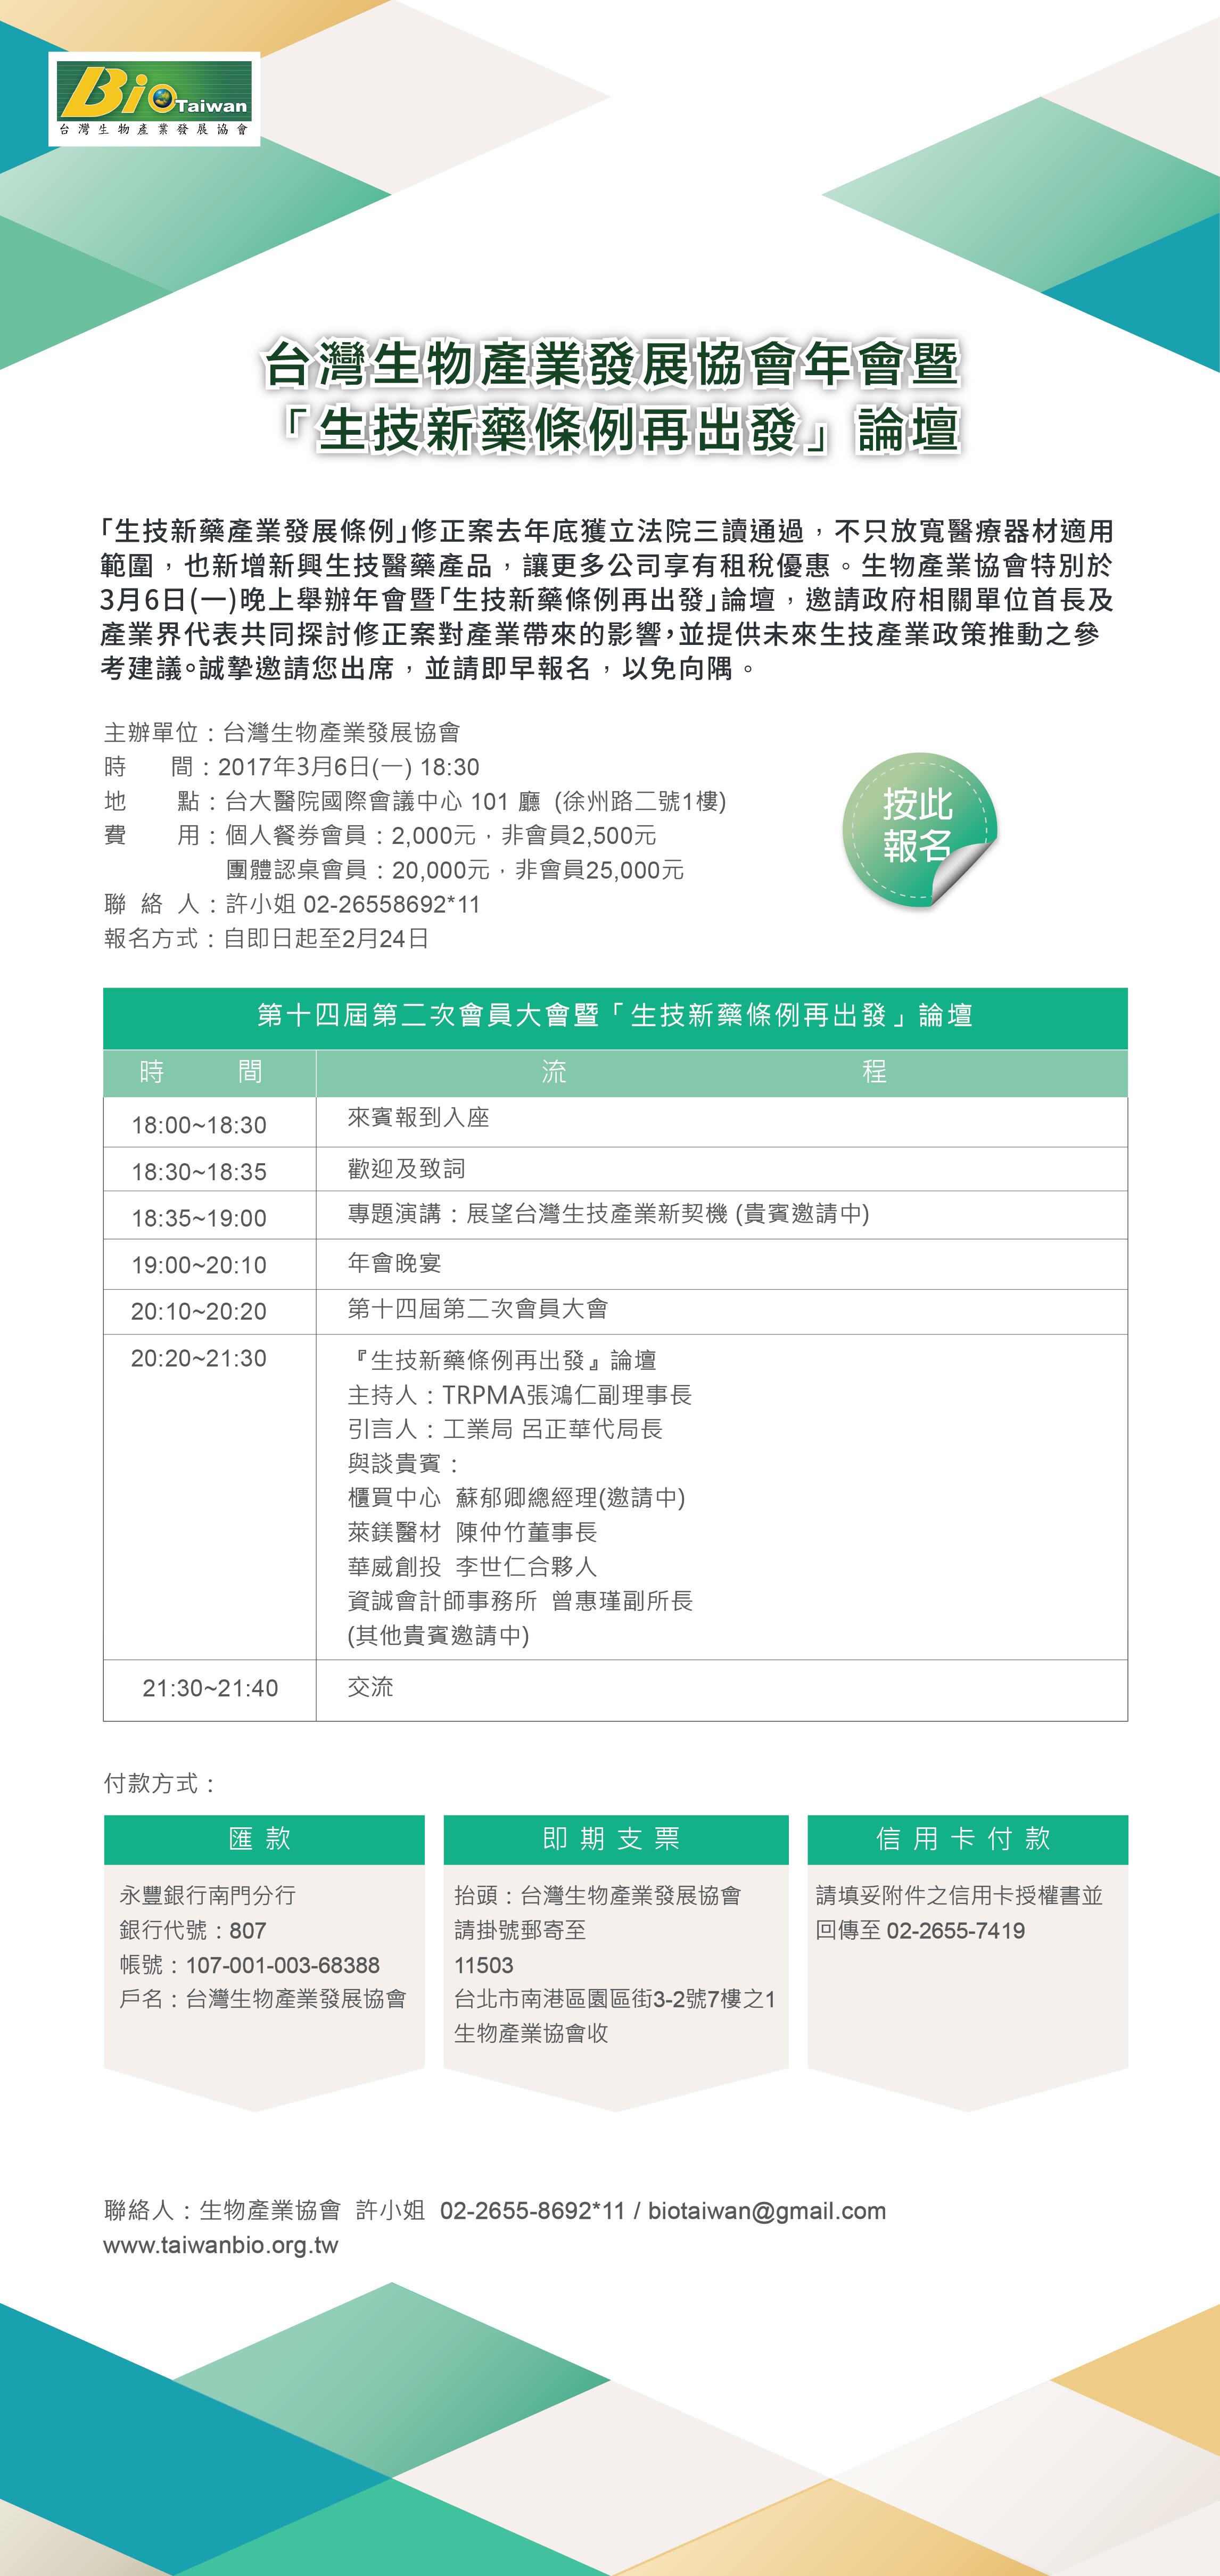 BioTaiwan年會暨 「生技新藥條例再出發」論壇